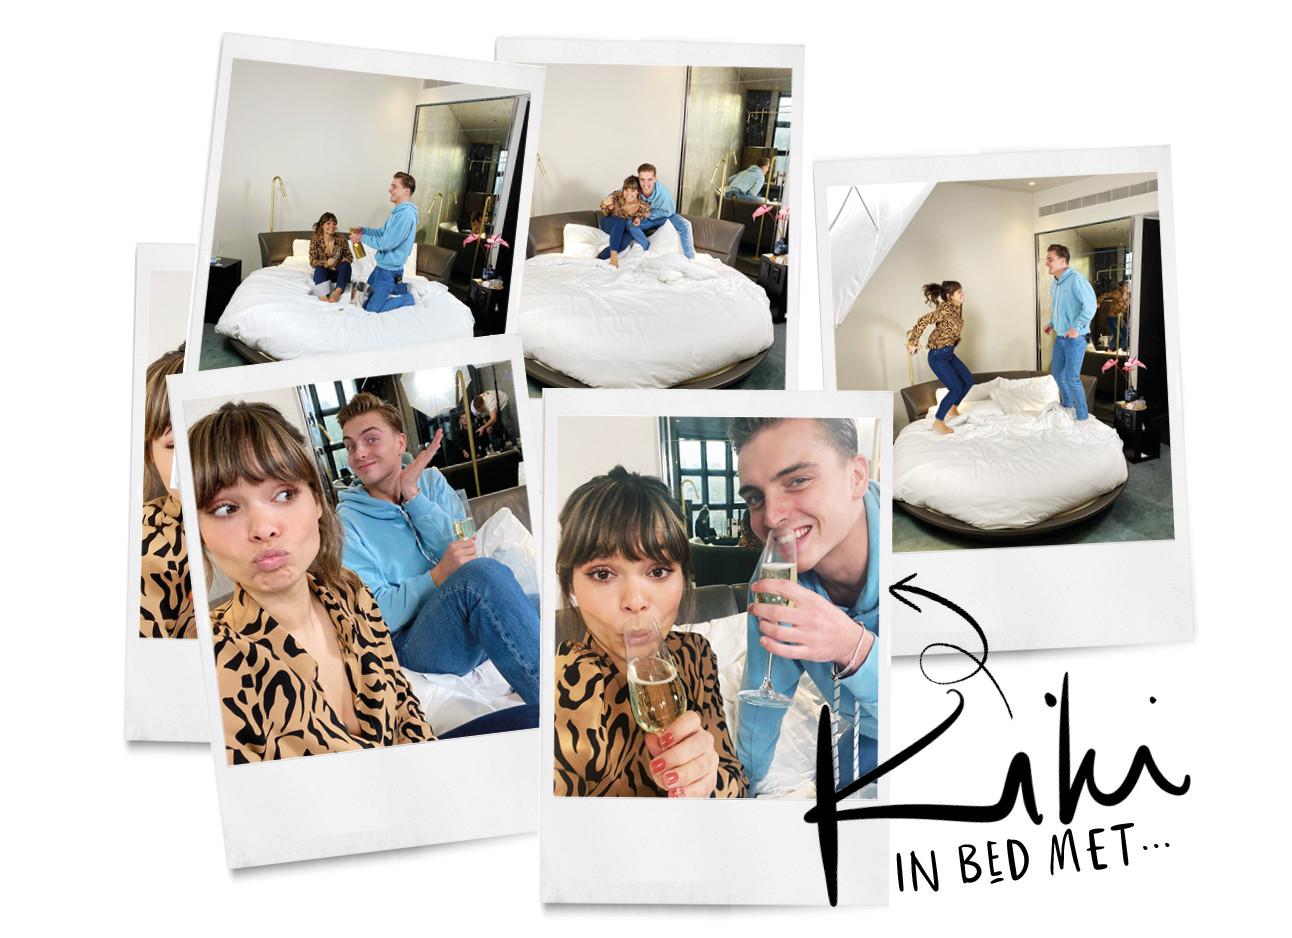 In bed met Kiek & Robbert Rodenburg